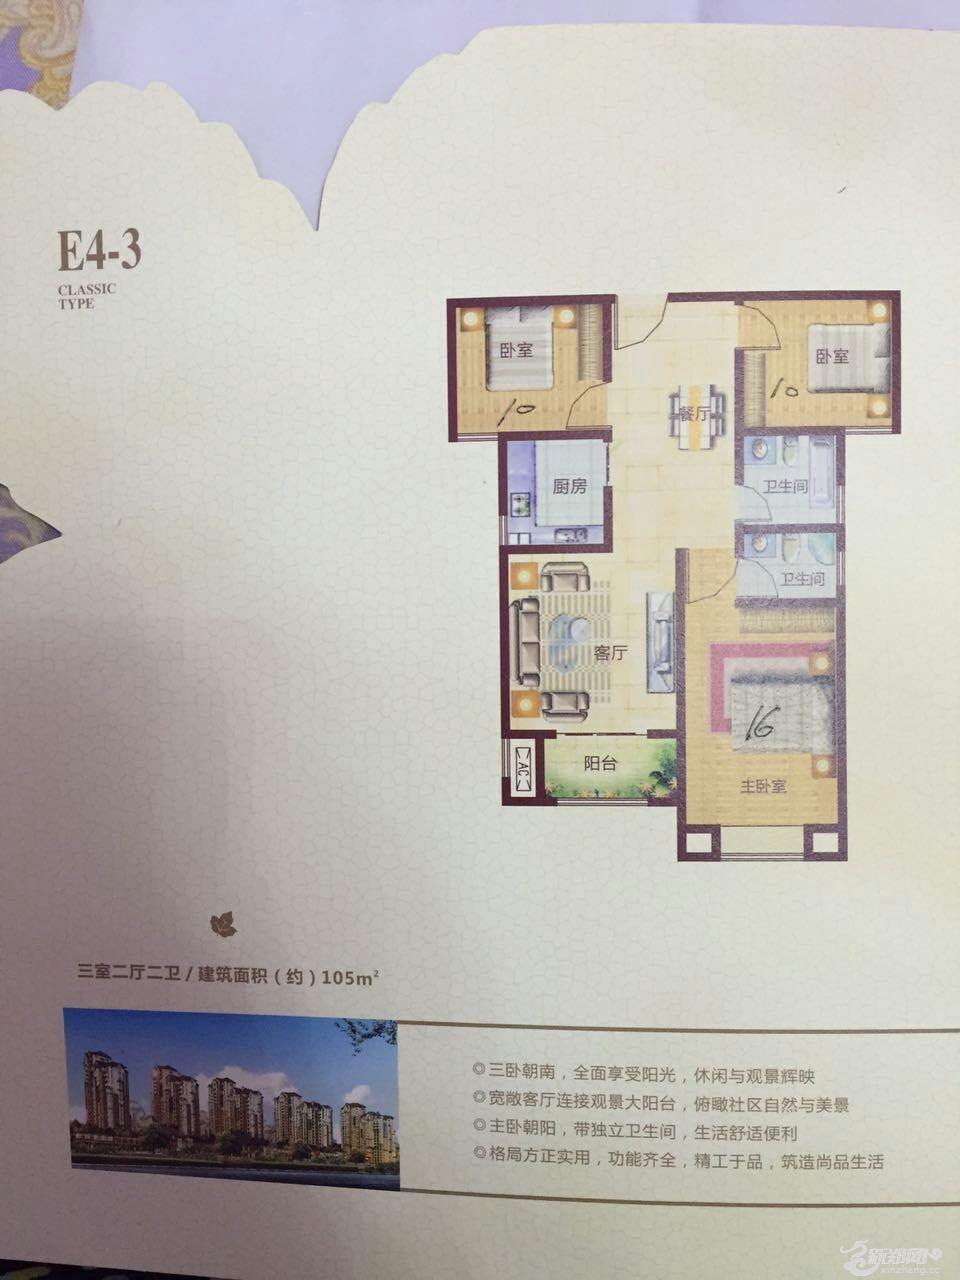 120套房设计图三室两厅效果图展示